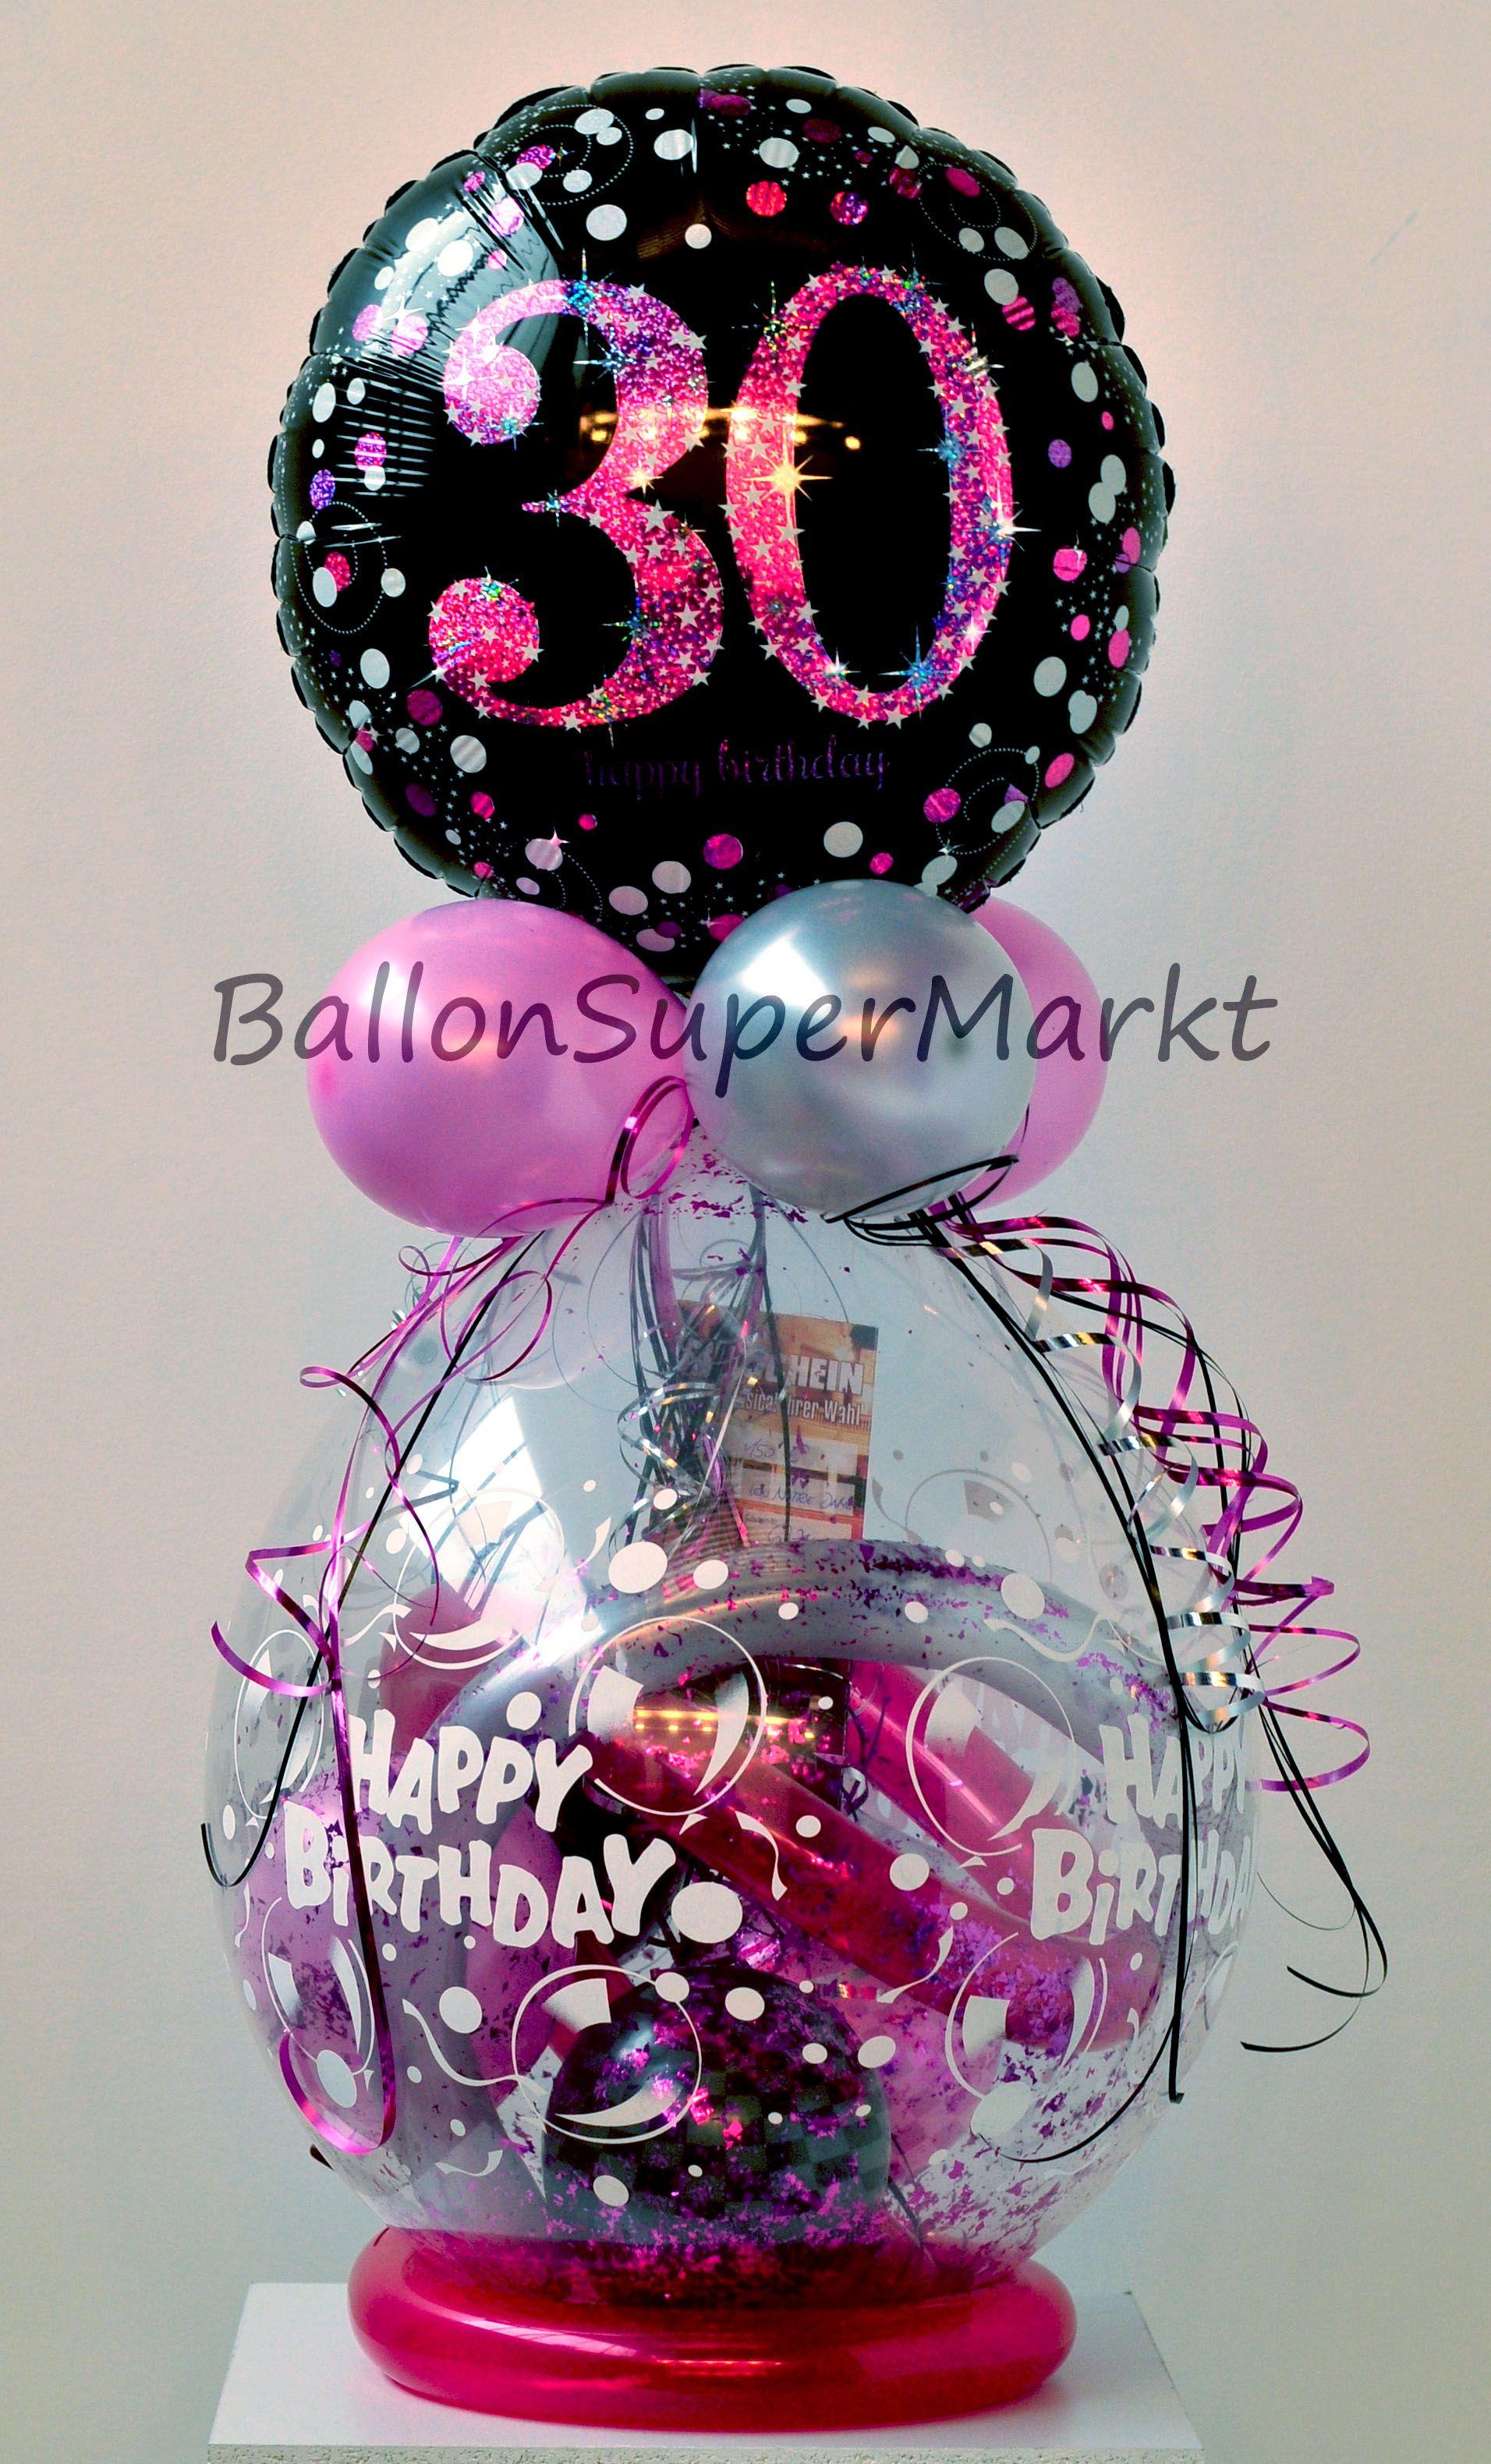 Geschenk Im Ballon Zum 30 Geburtstag Mit Bildern Geschenk 30